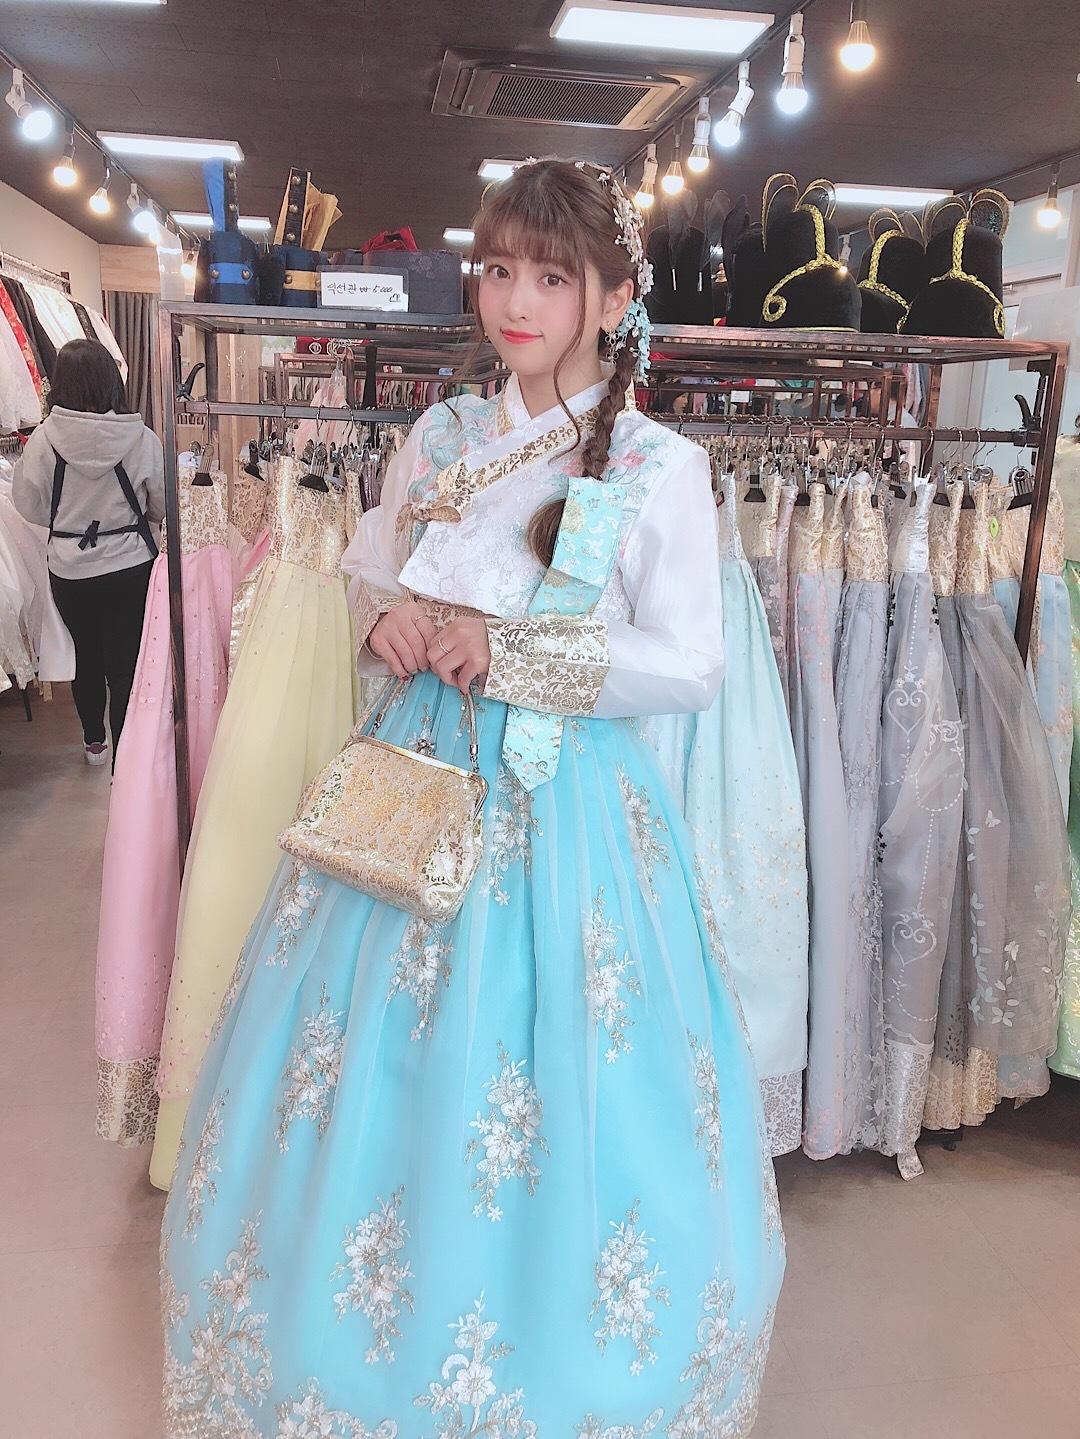 【韓国旅行】種類が豊富なチマチョゴリレンタル店!☆_1_7